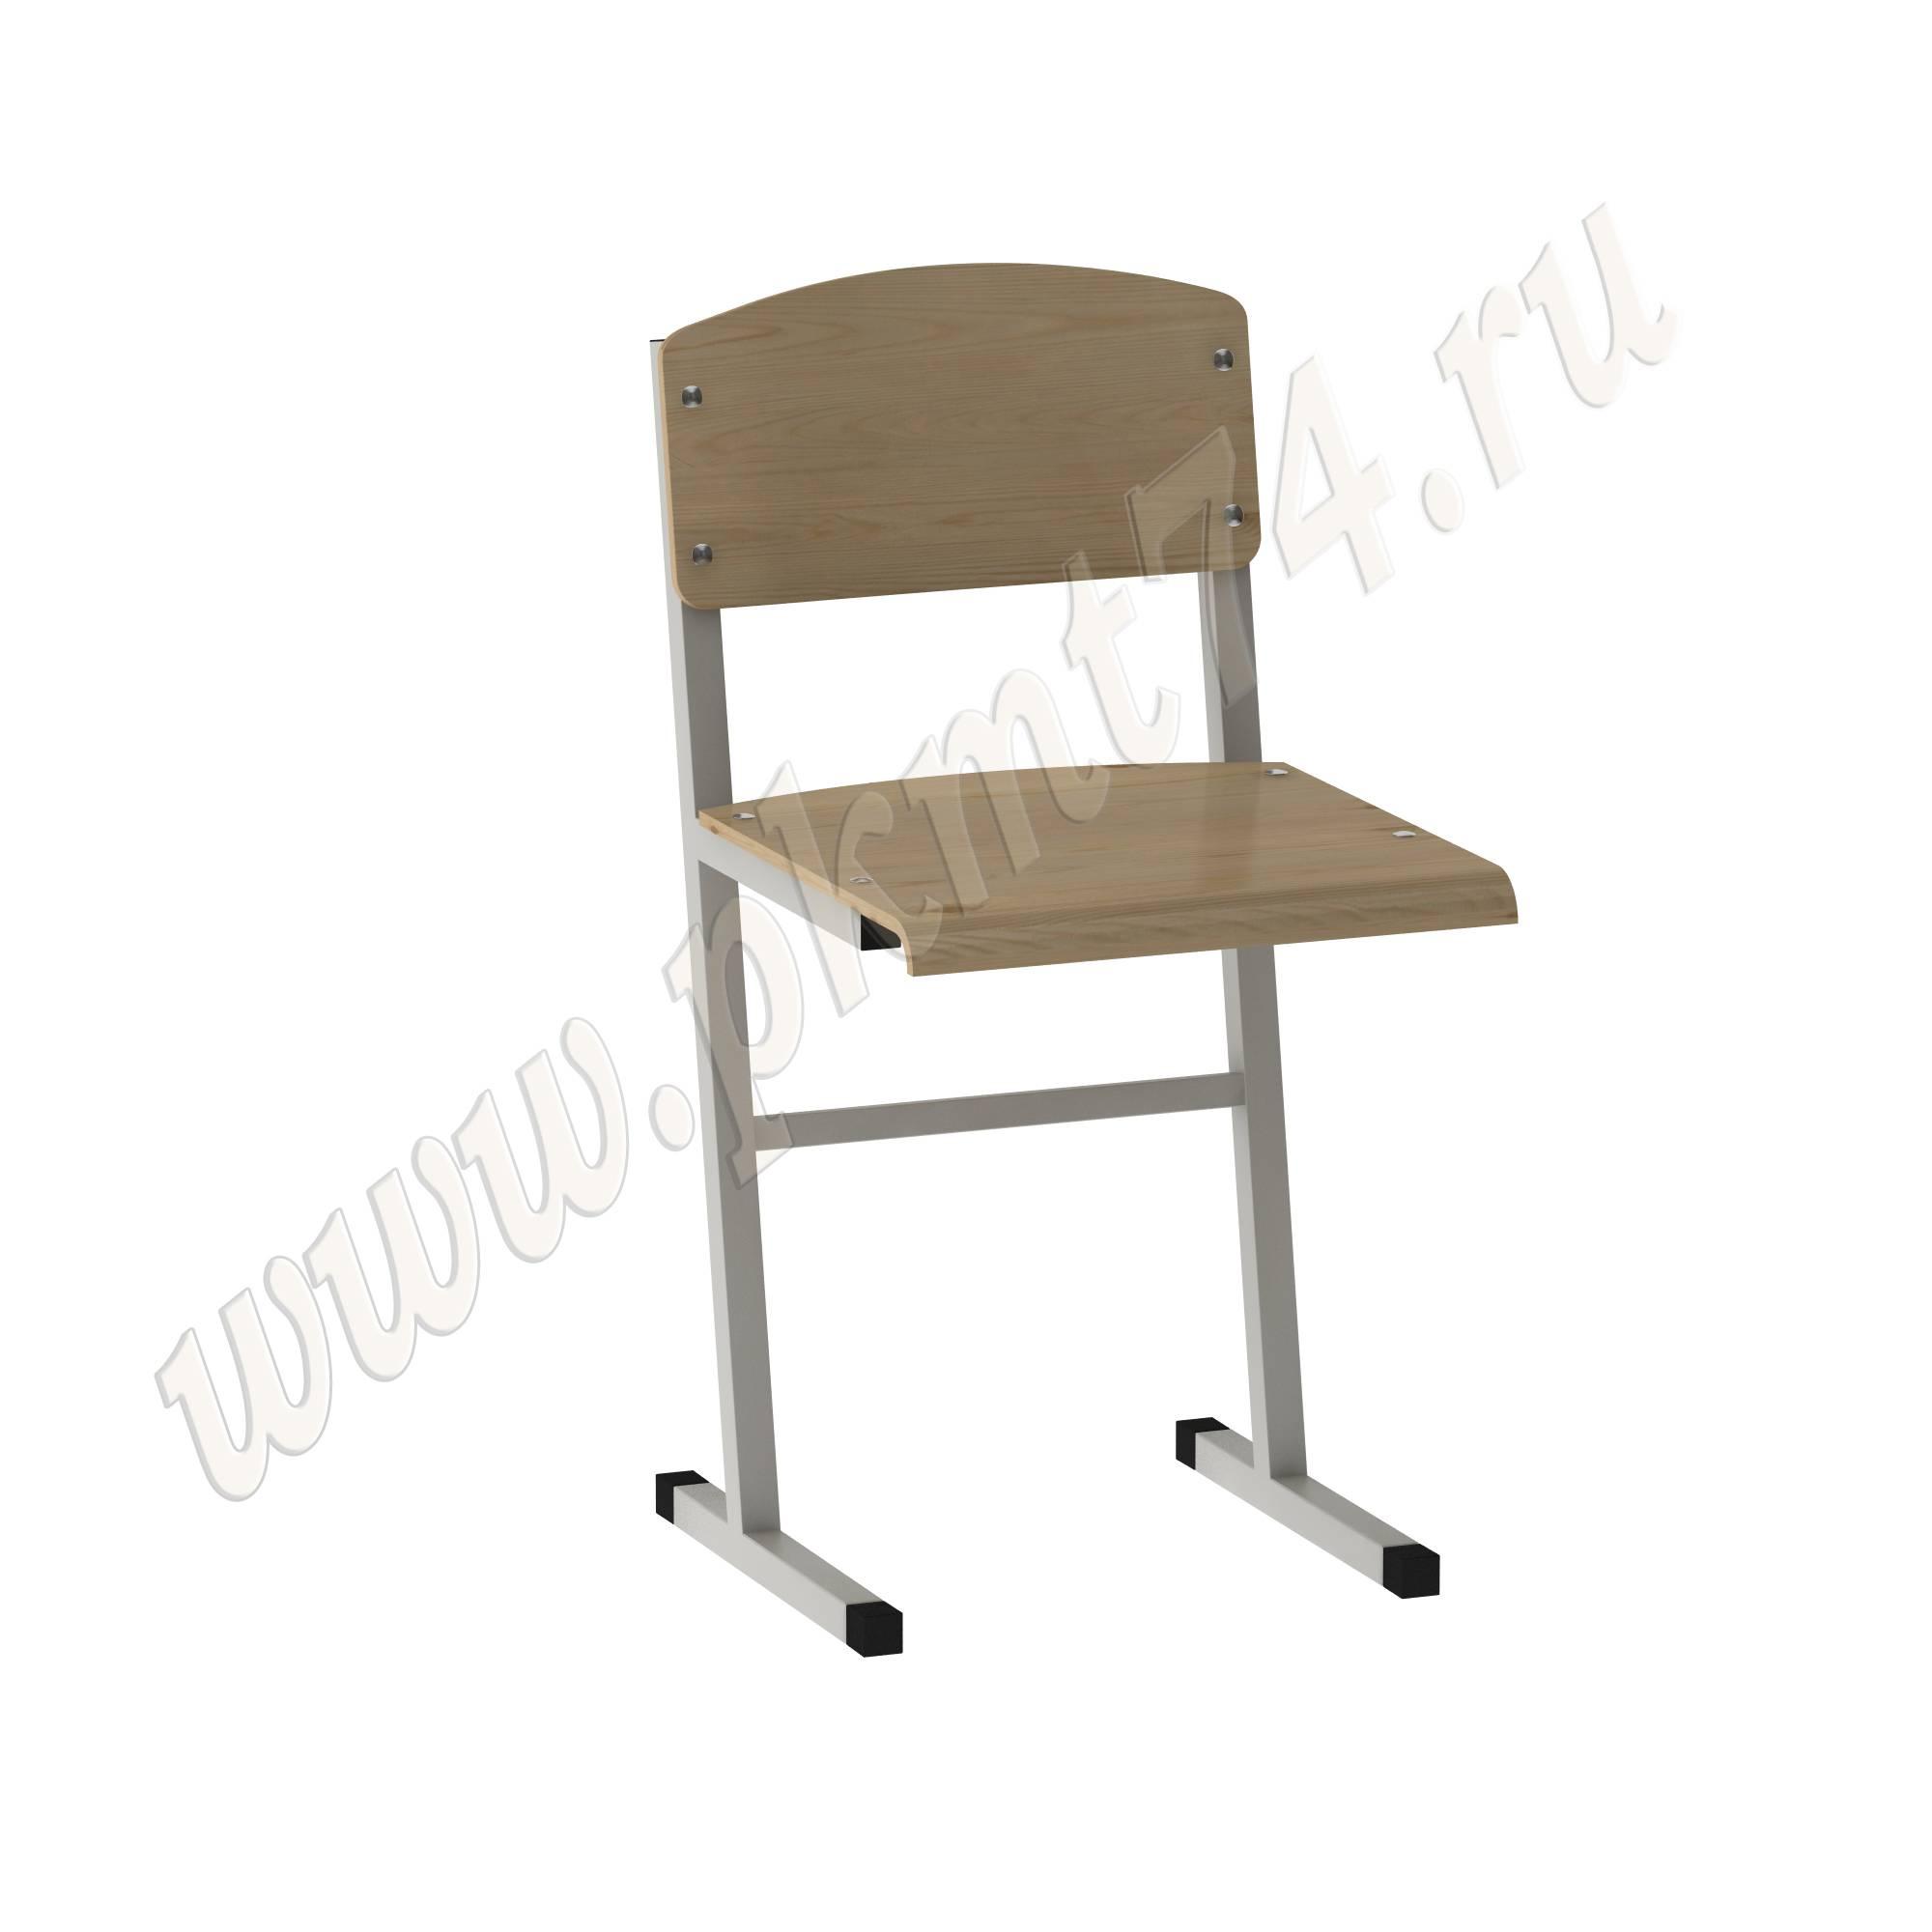 стул ученический нерегулируемый 6 МТ 02-1